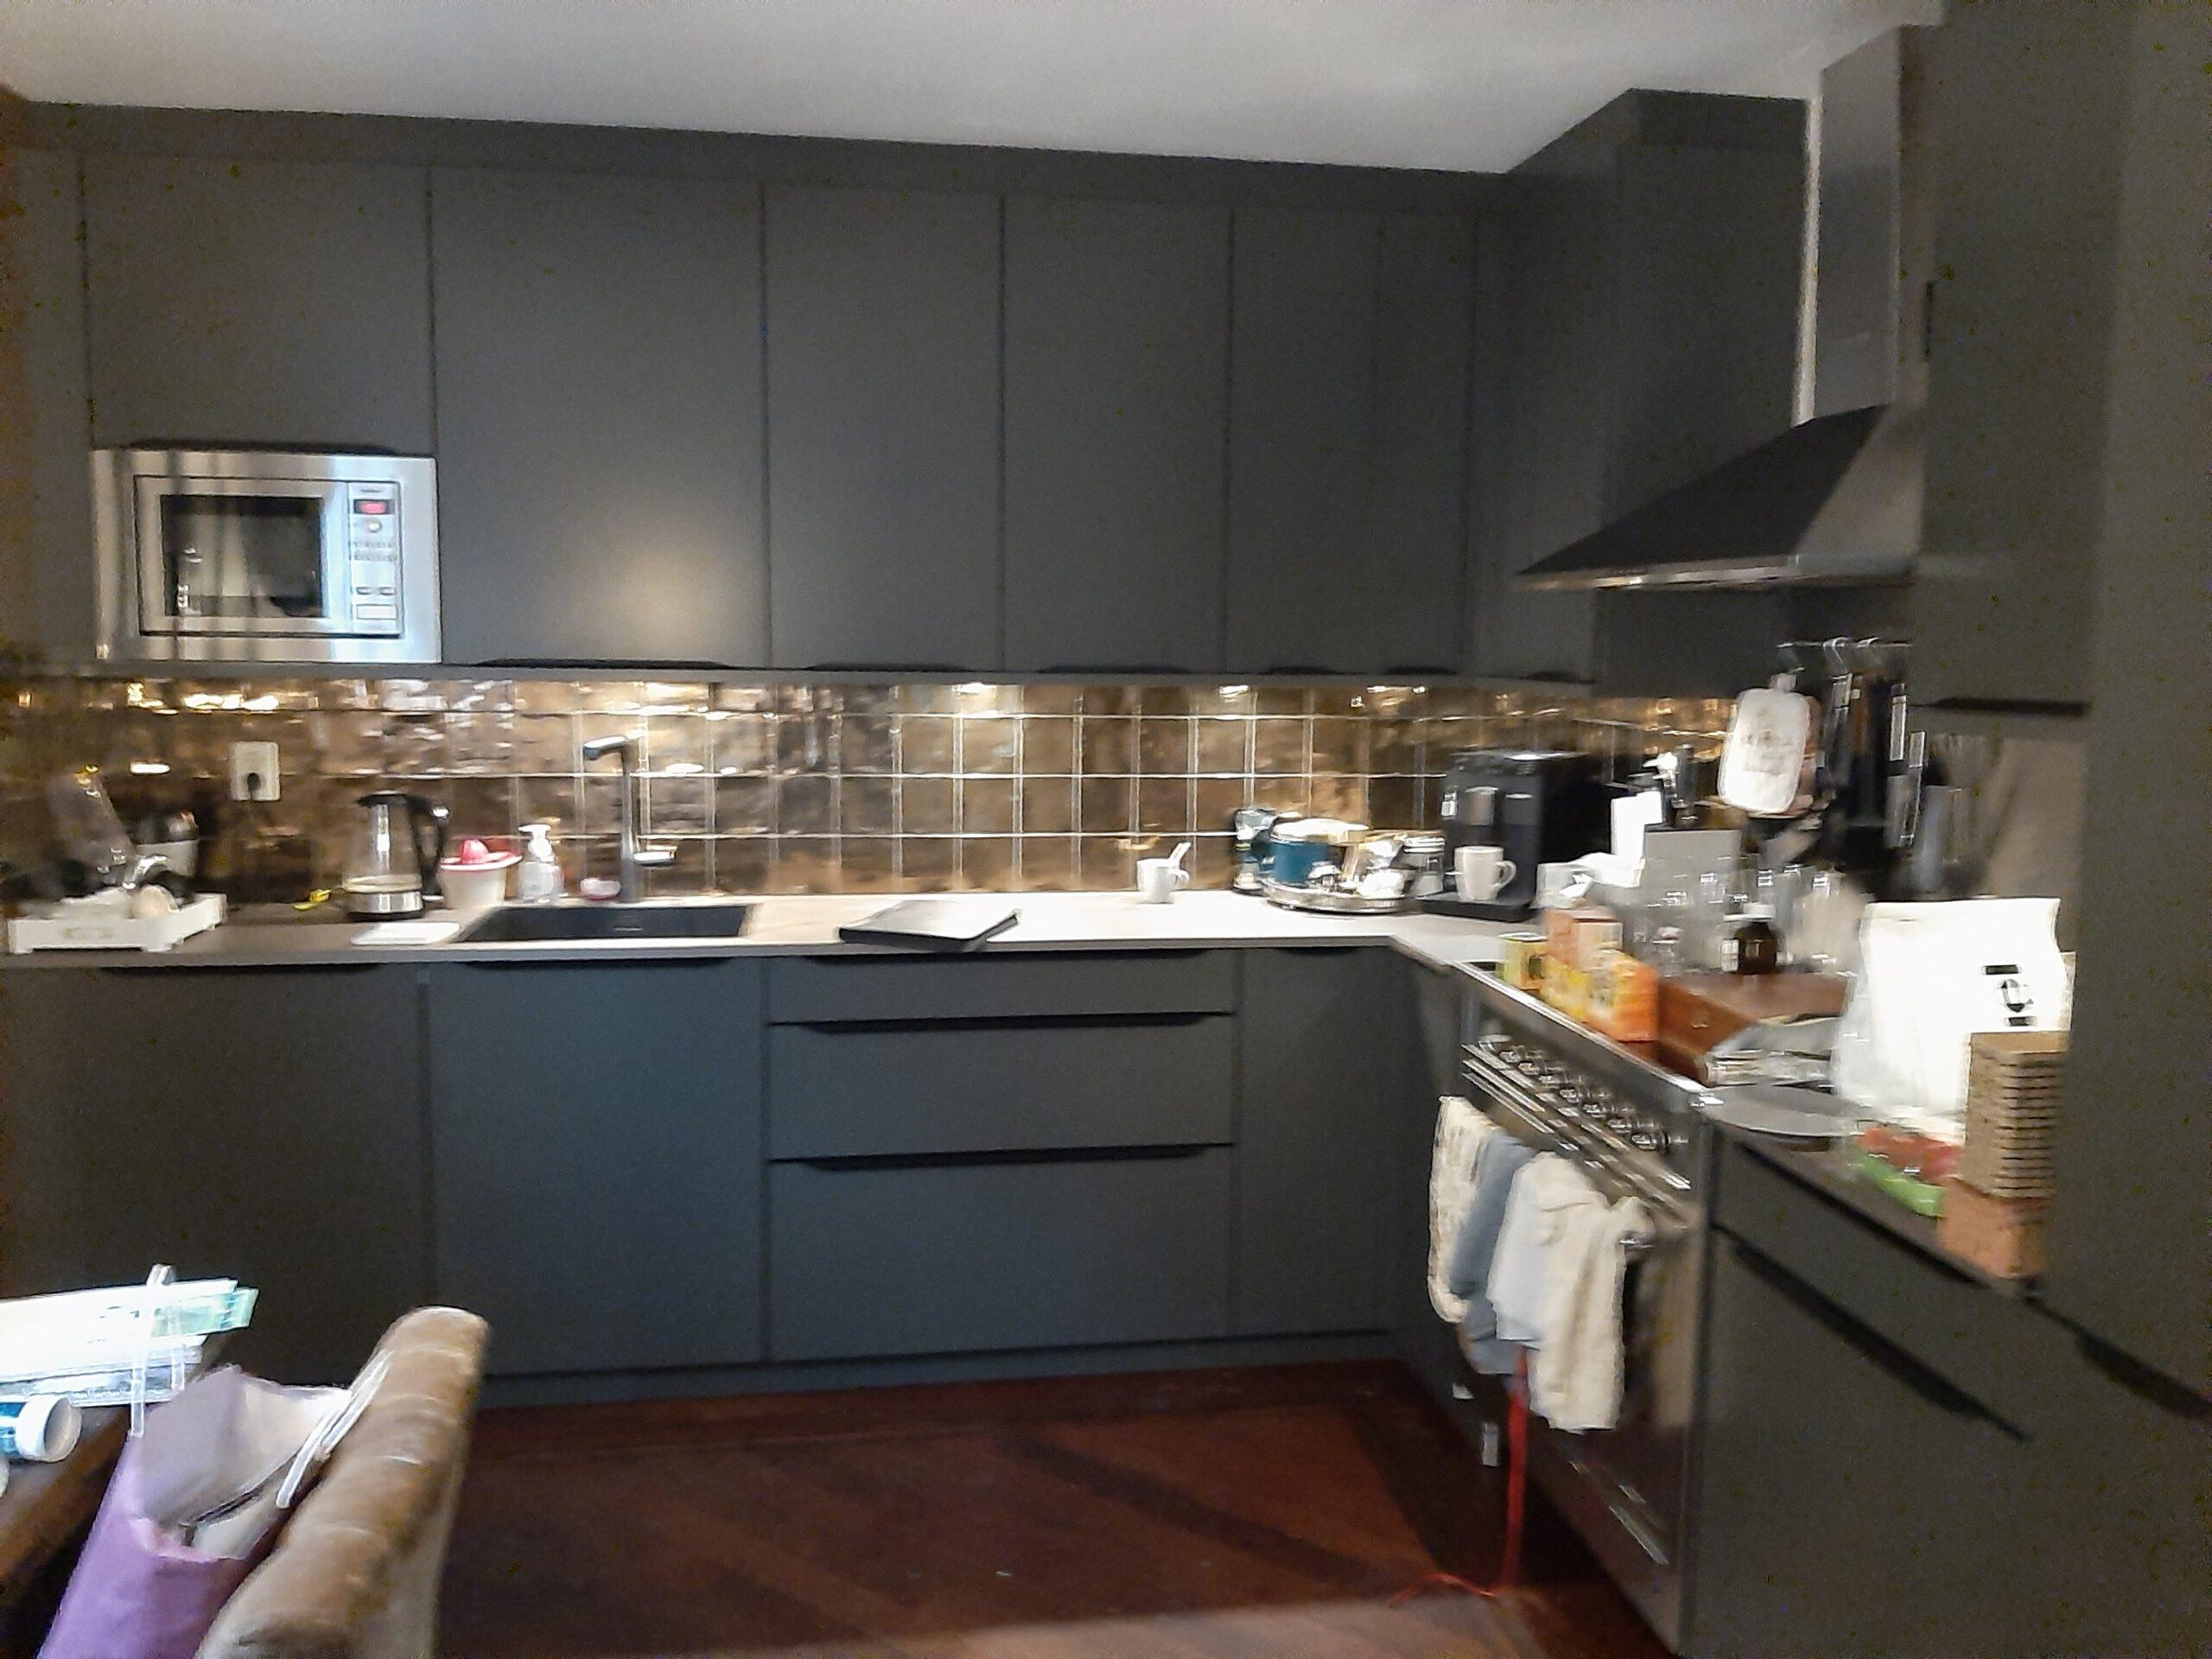 Keuken overgespoten van wit naar mat zwart